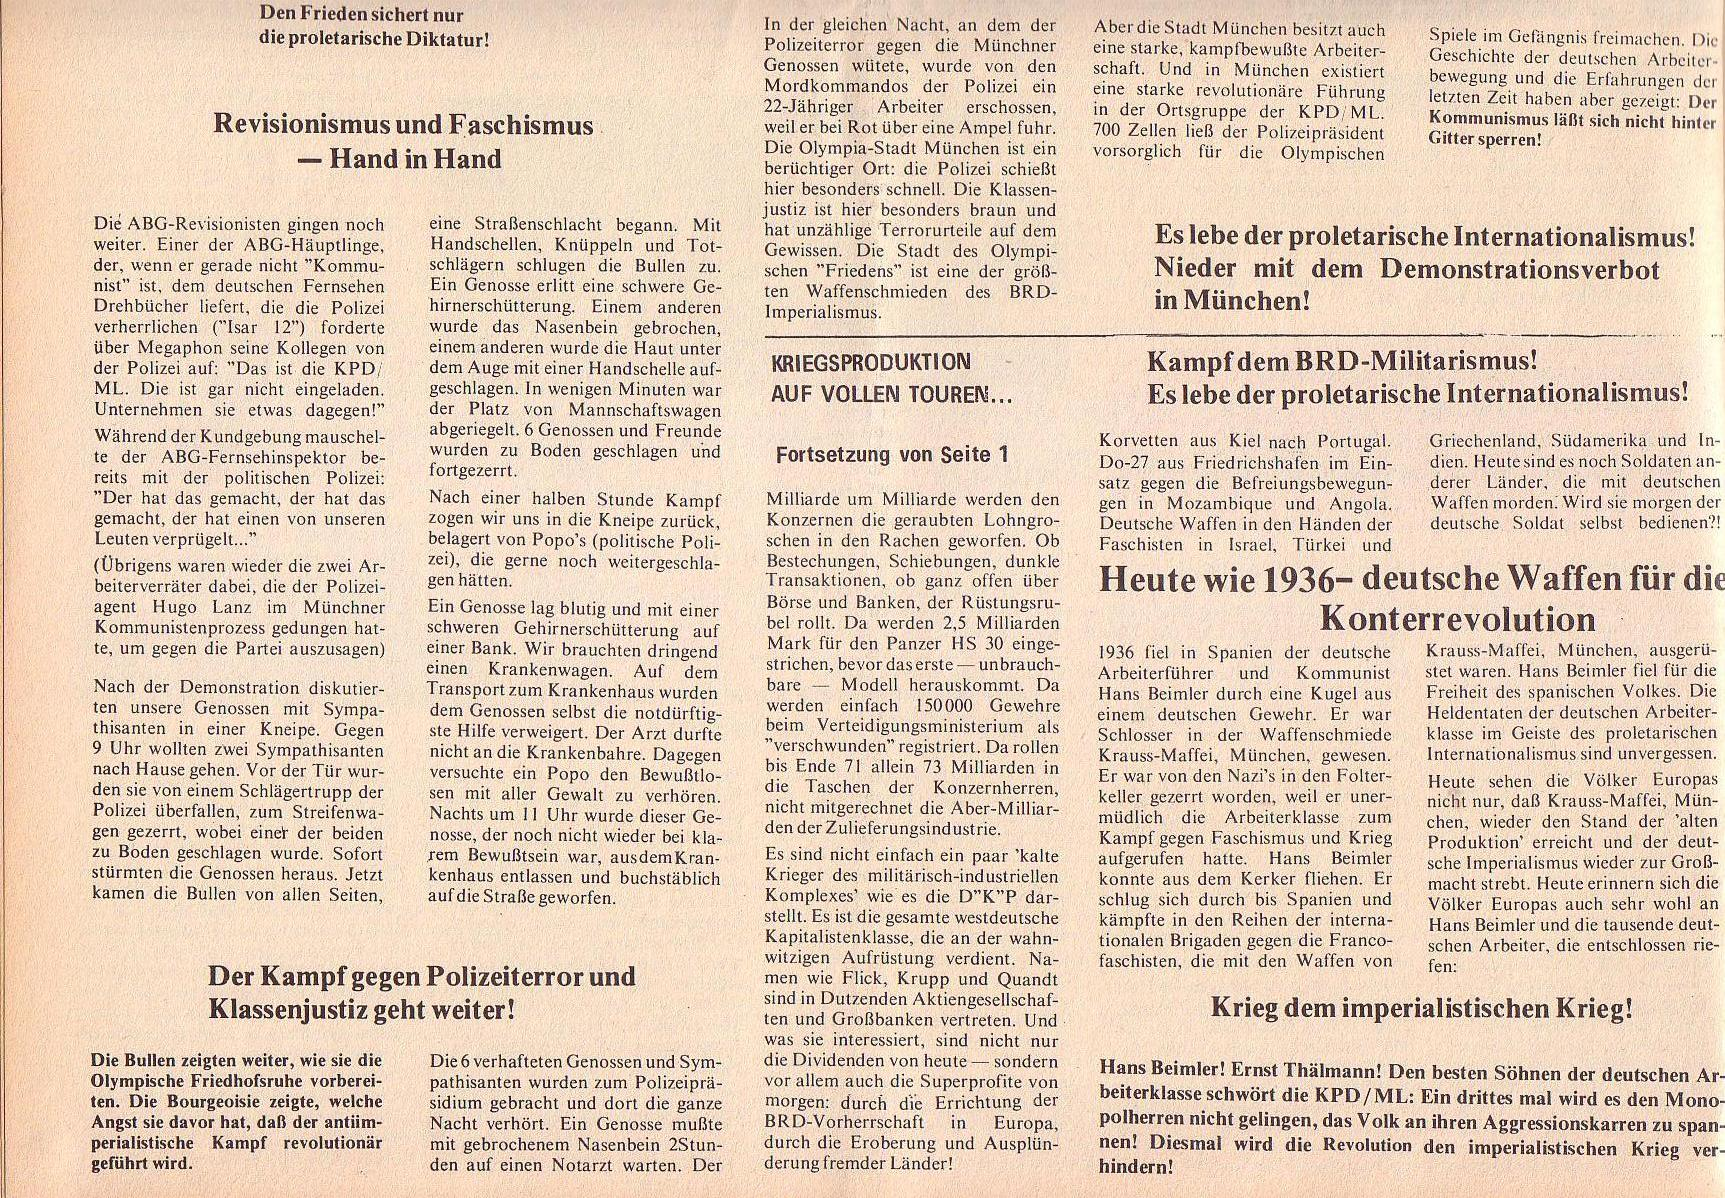 RM 15/1972, S. 8 unten